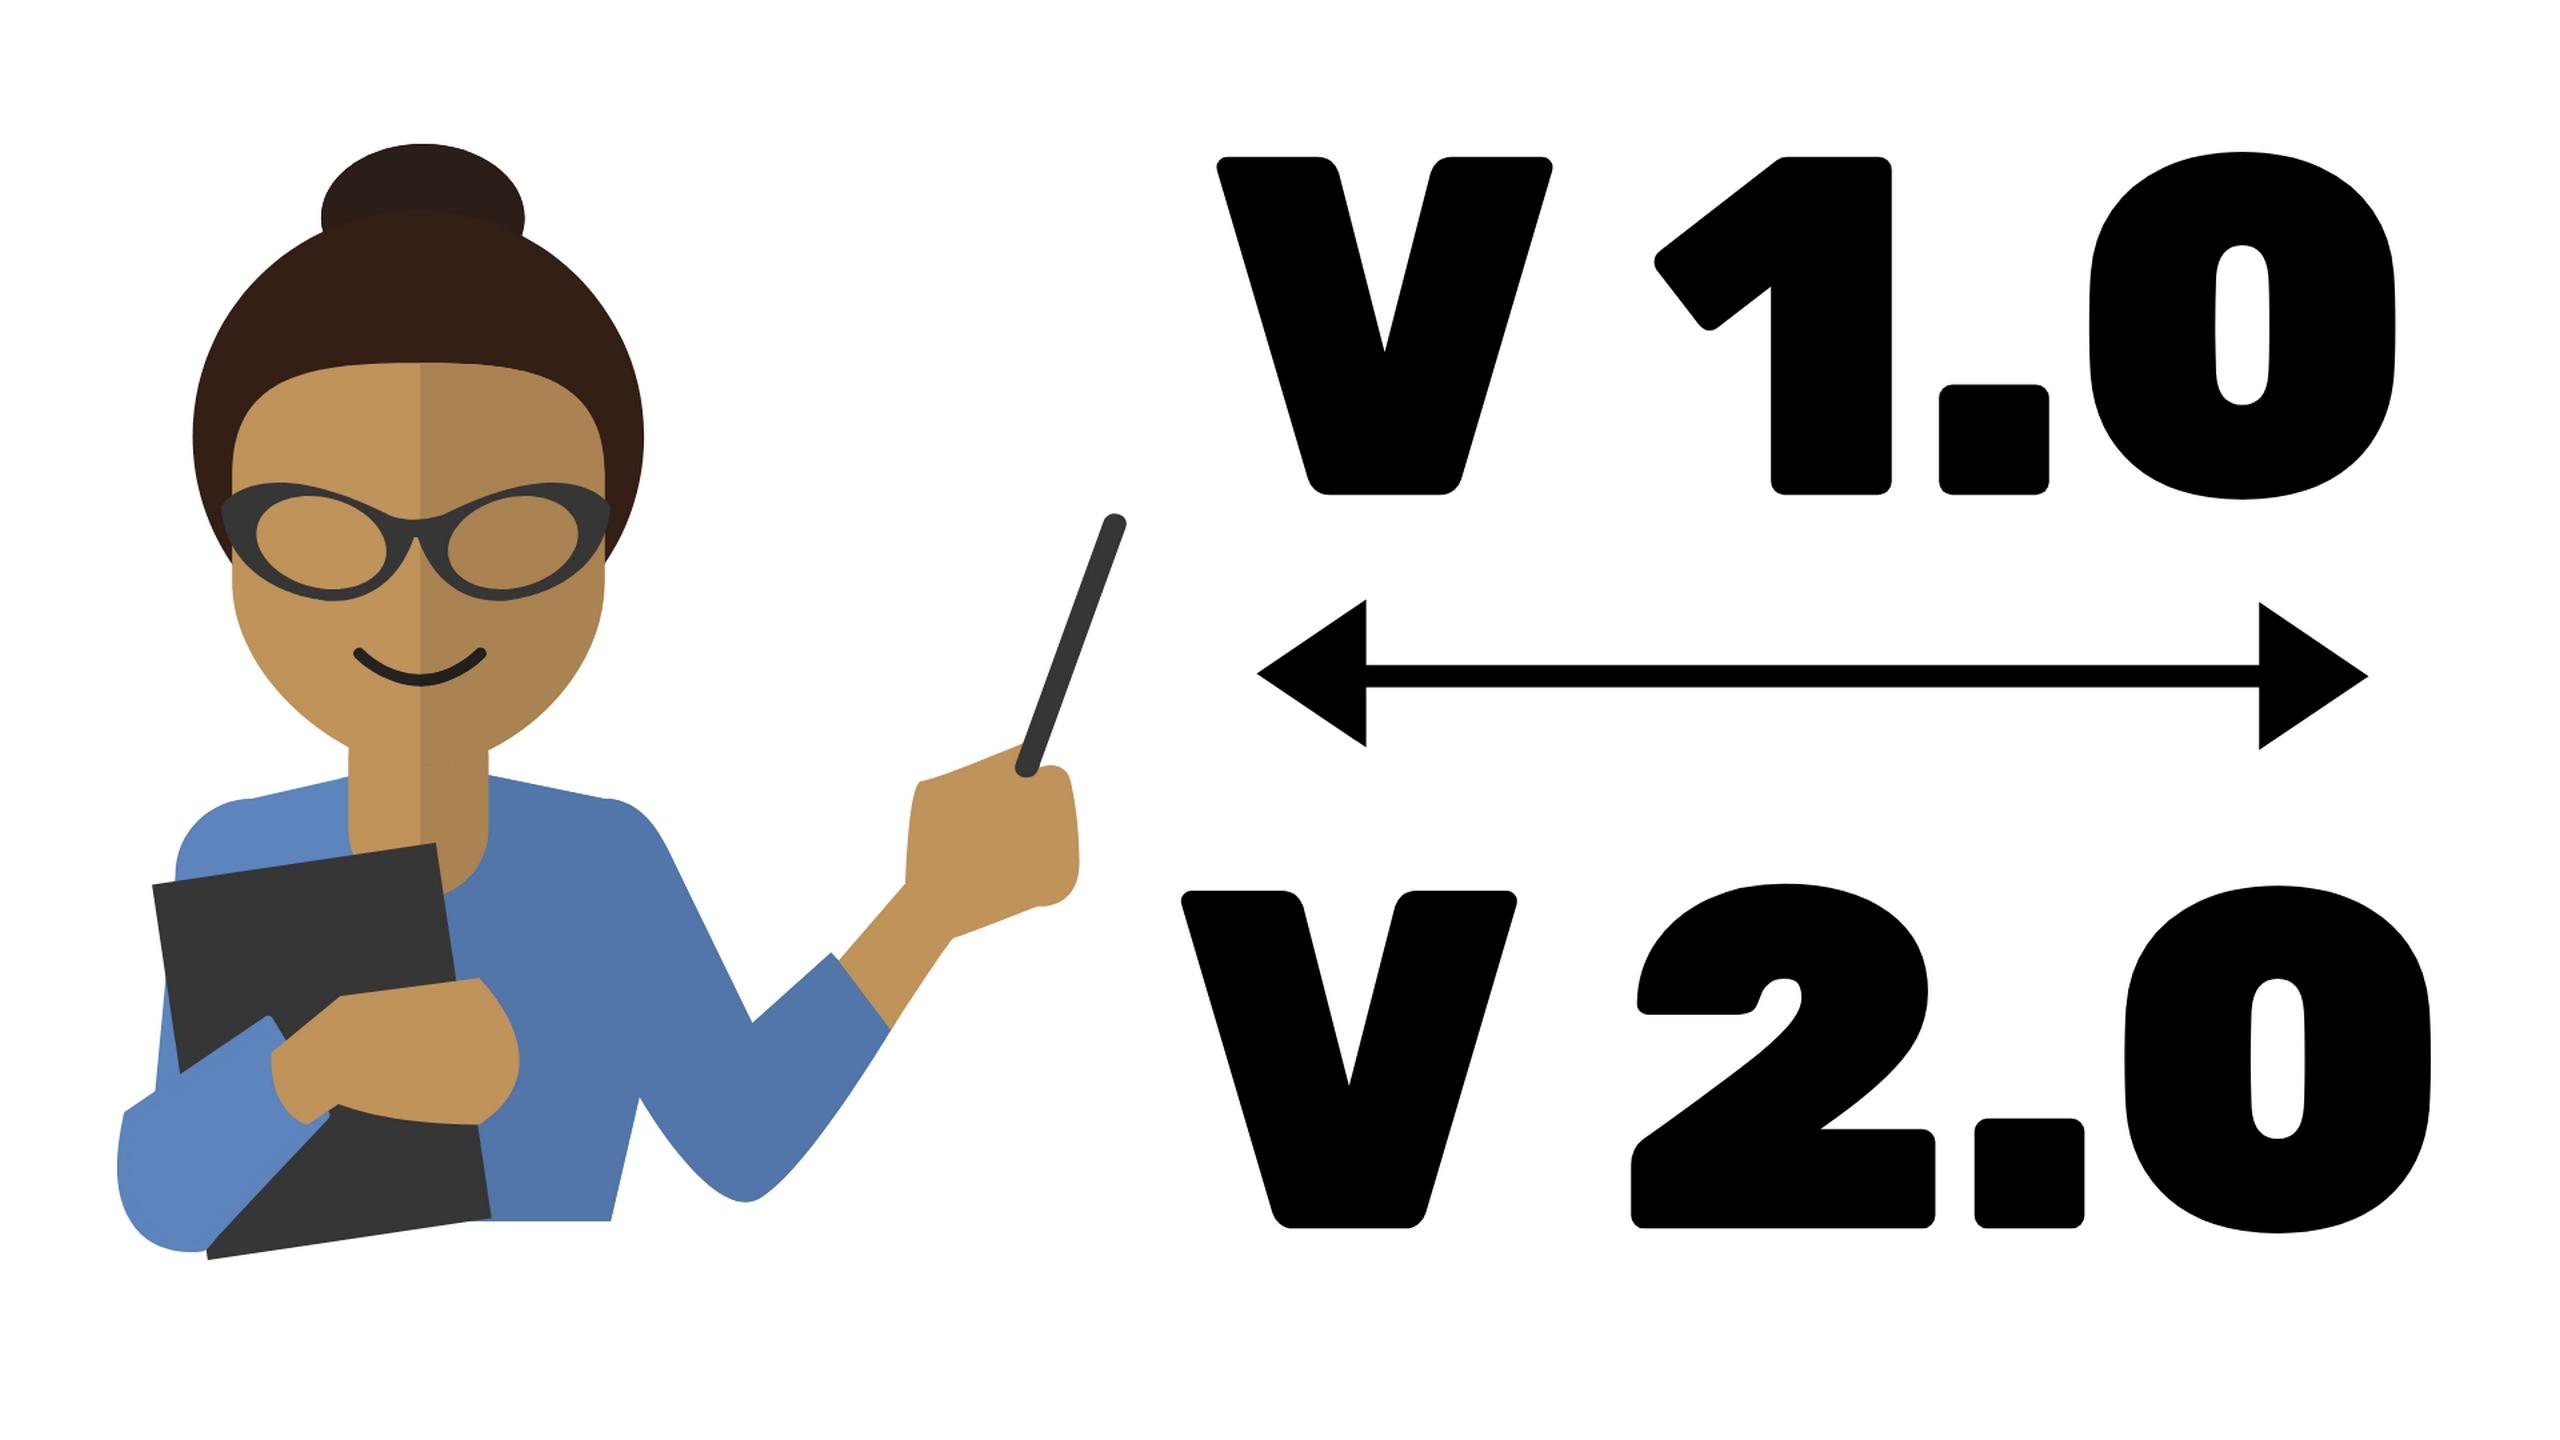 הבדלים בין V 1.0 ל V 2.0